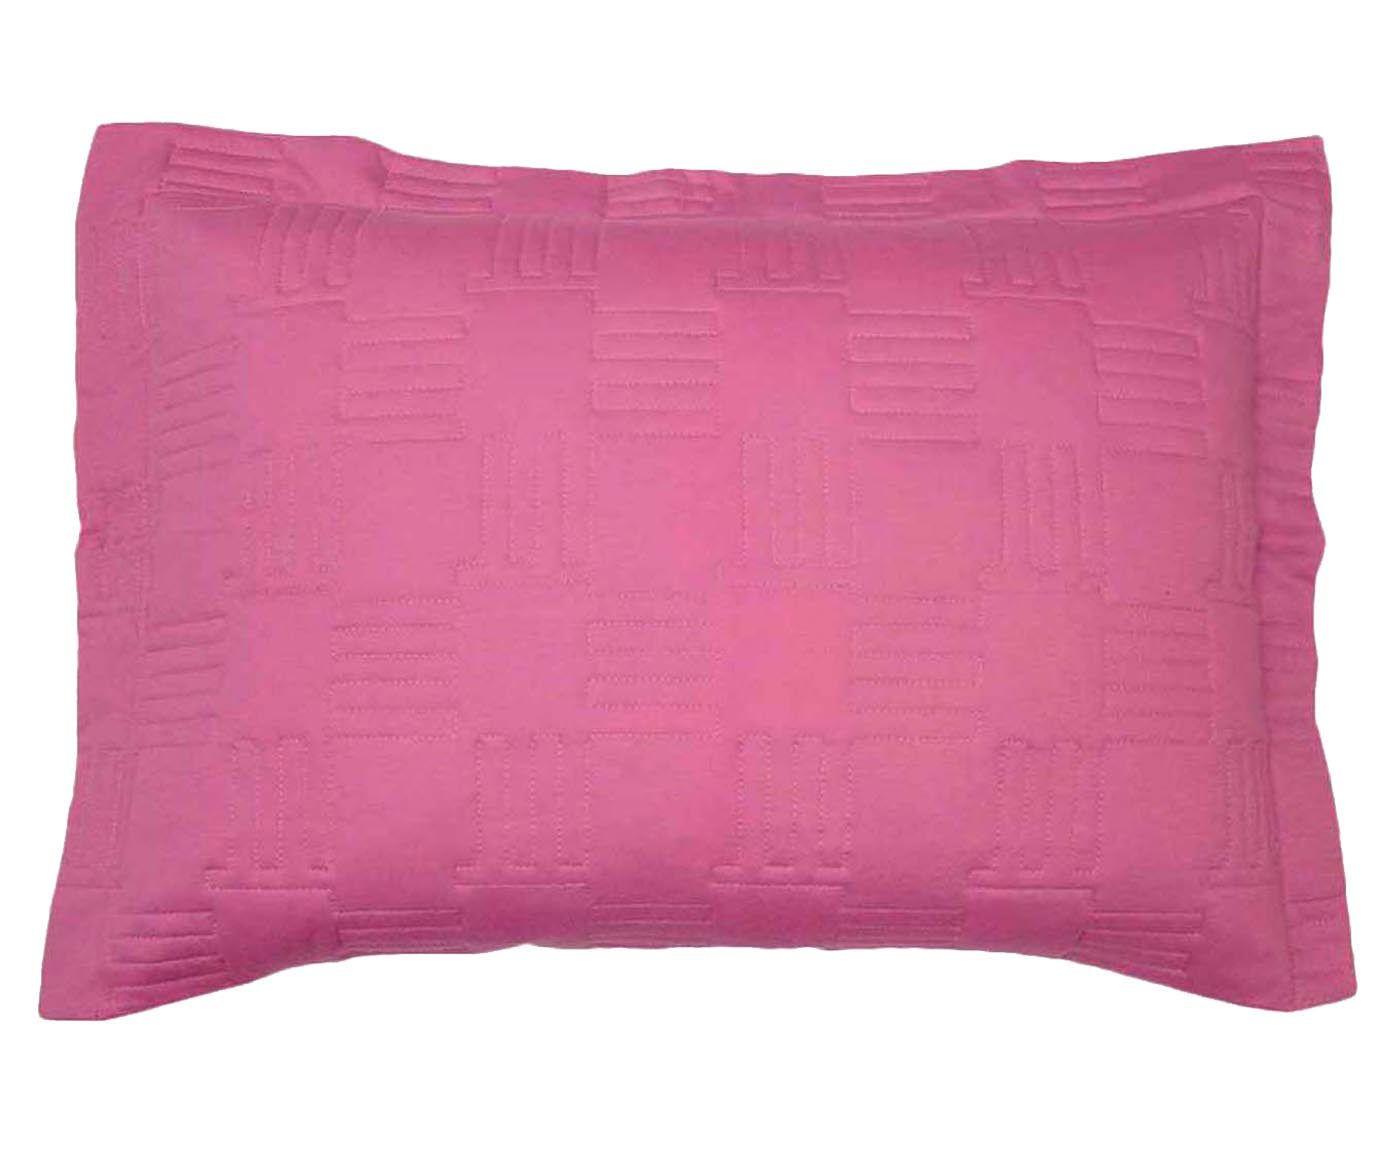 Porta-travesseiro colorado - mist   Westwing.com.br